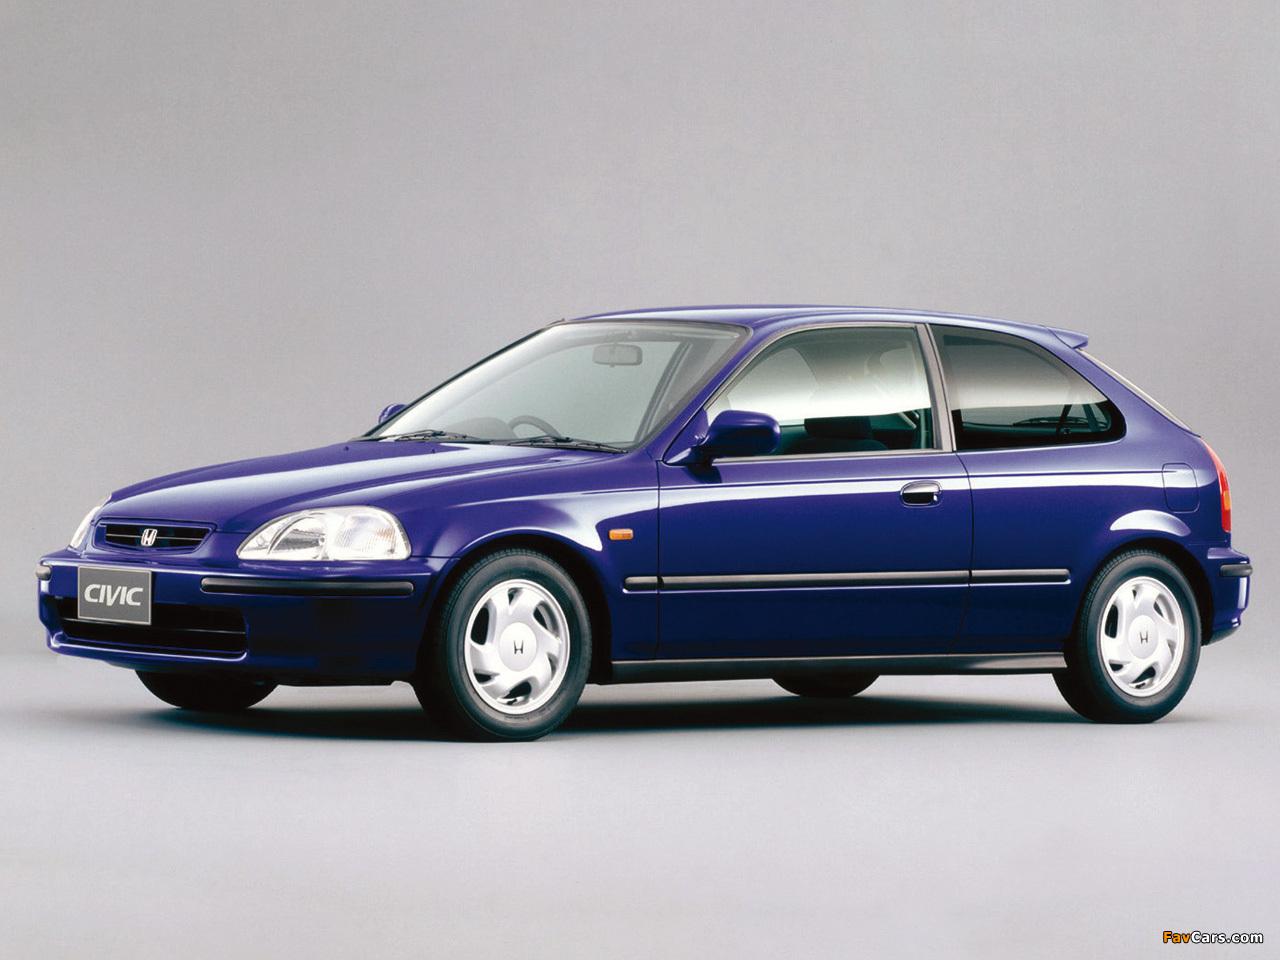 honda civic vti hatchback ek3 1995 2000 wallpapers 1280x960 rh favcars com